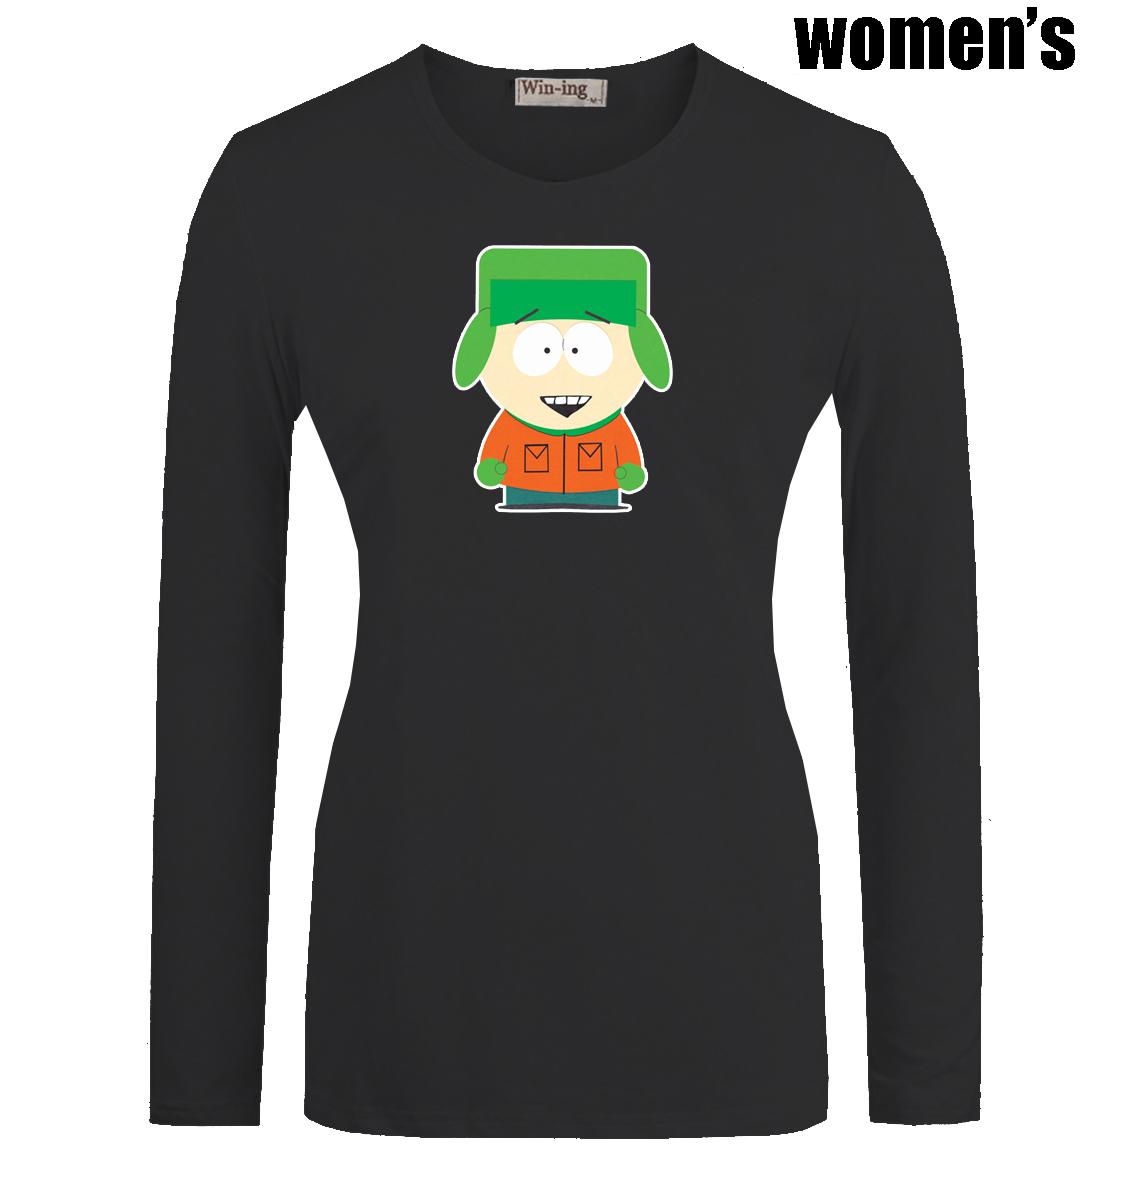 Mignon de bande dessinée South Park Kyle Broflovski imprimé t - shirt nouveaux Casual manches longues de haute qualité femmes girl 's Graphic Tee Tops(China (Mainland))